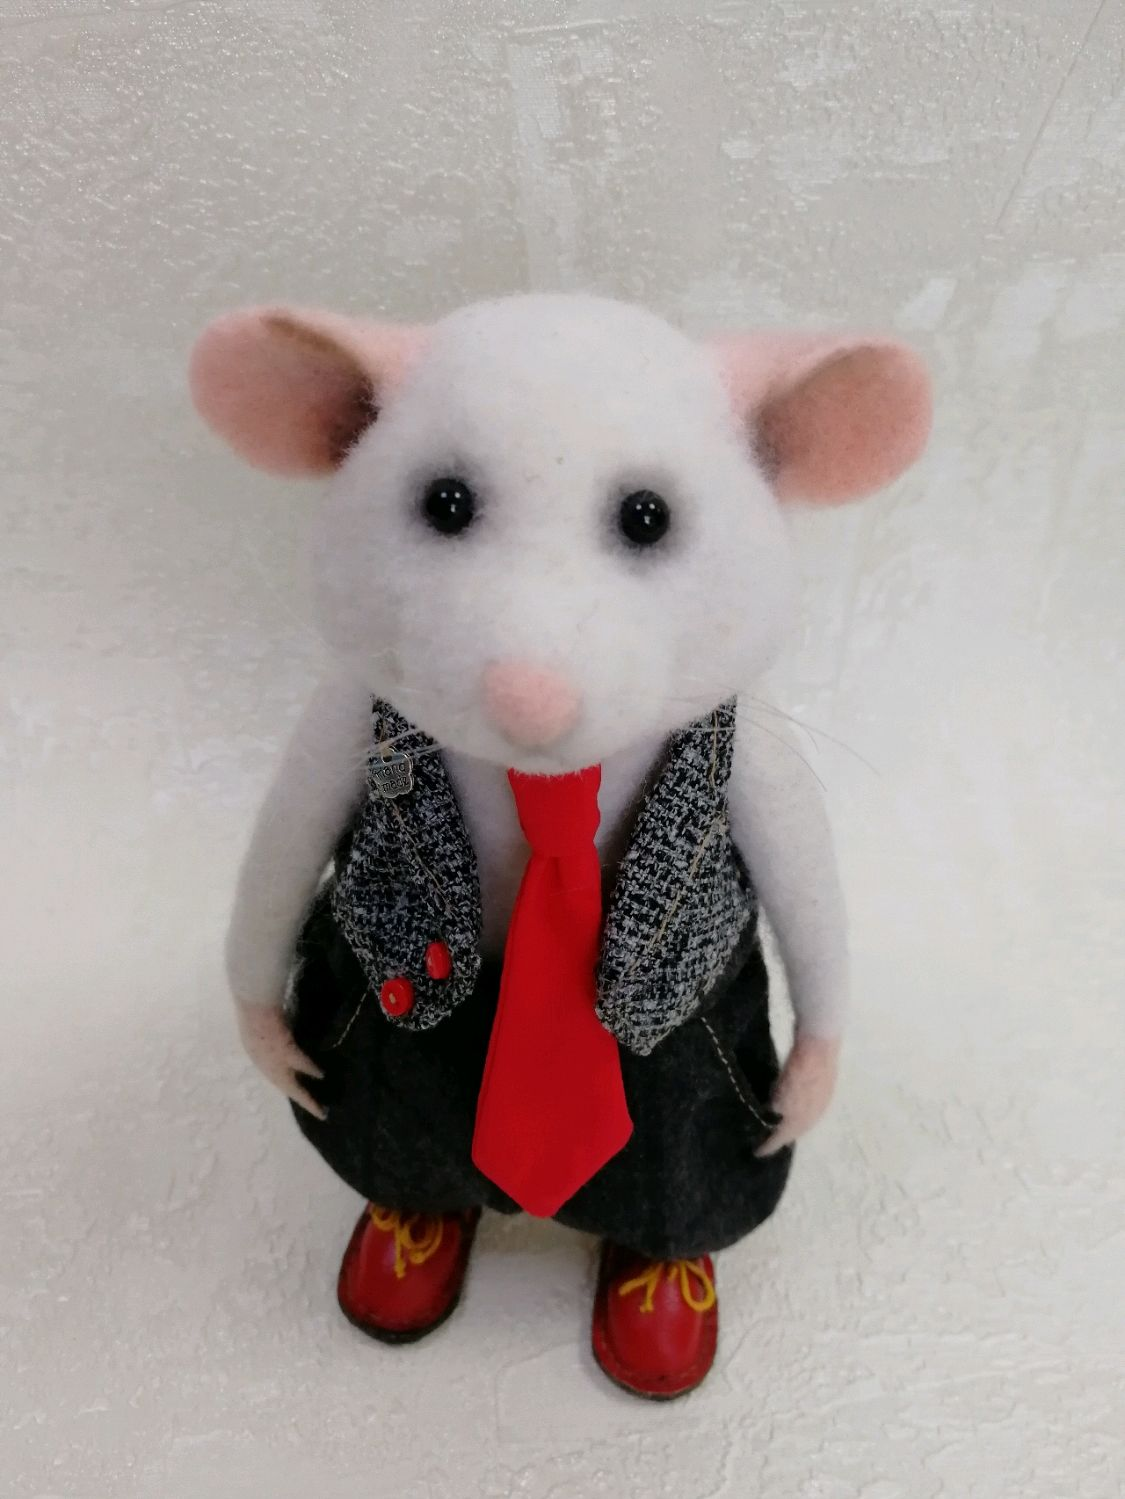 сказочной крыса игрушка картинка существует знаменитое высказывание